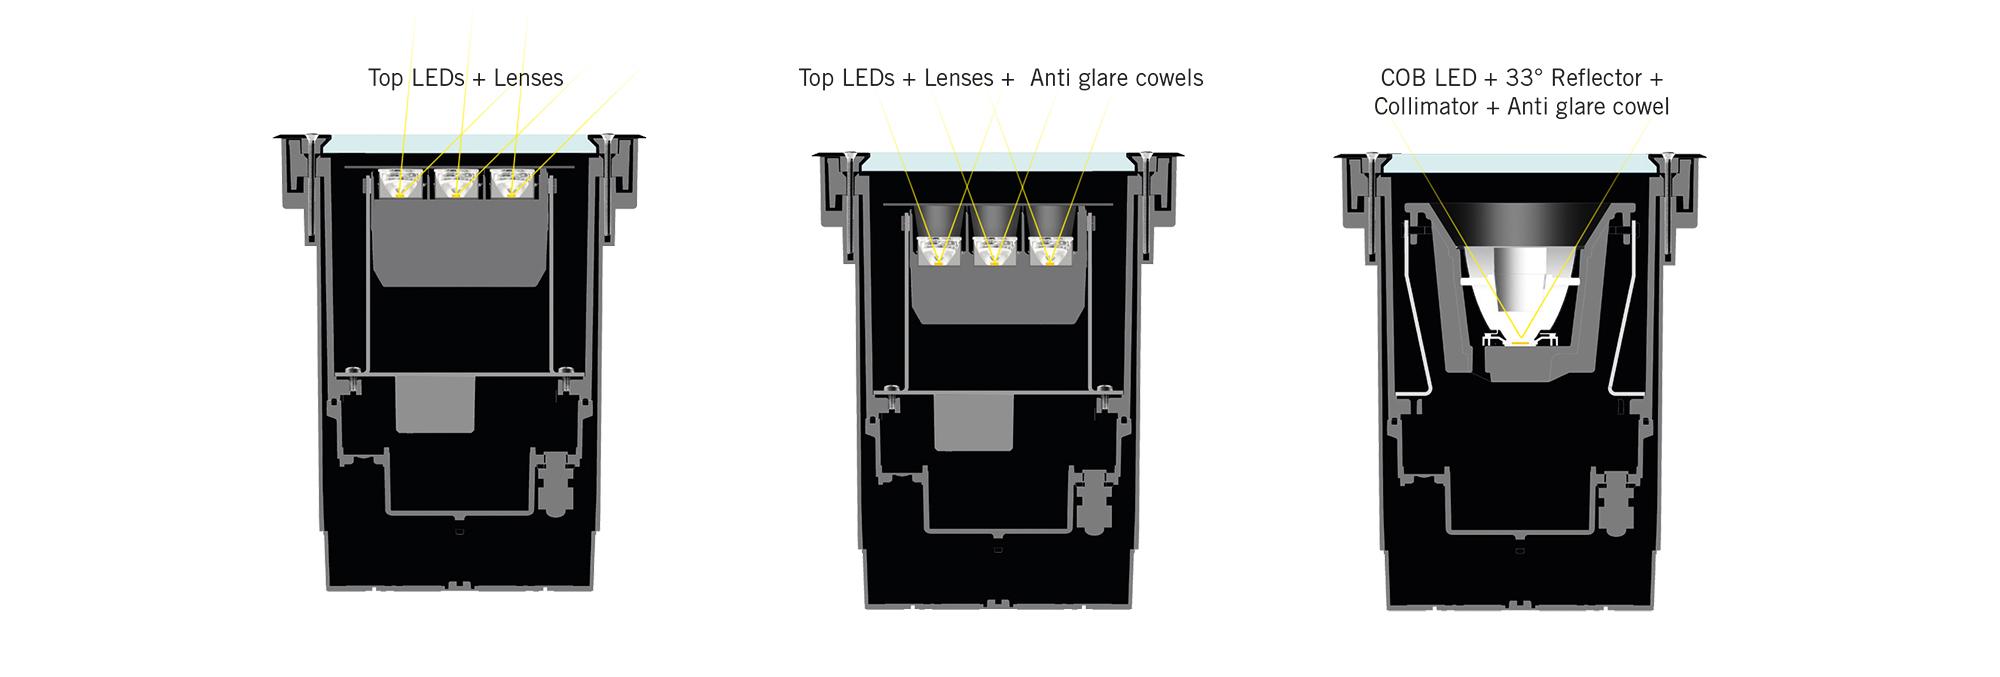 ZIP COMFORT optics